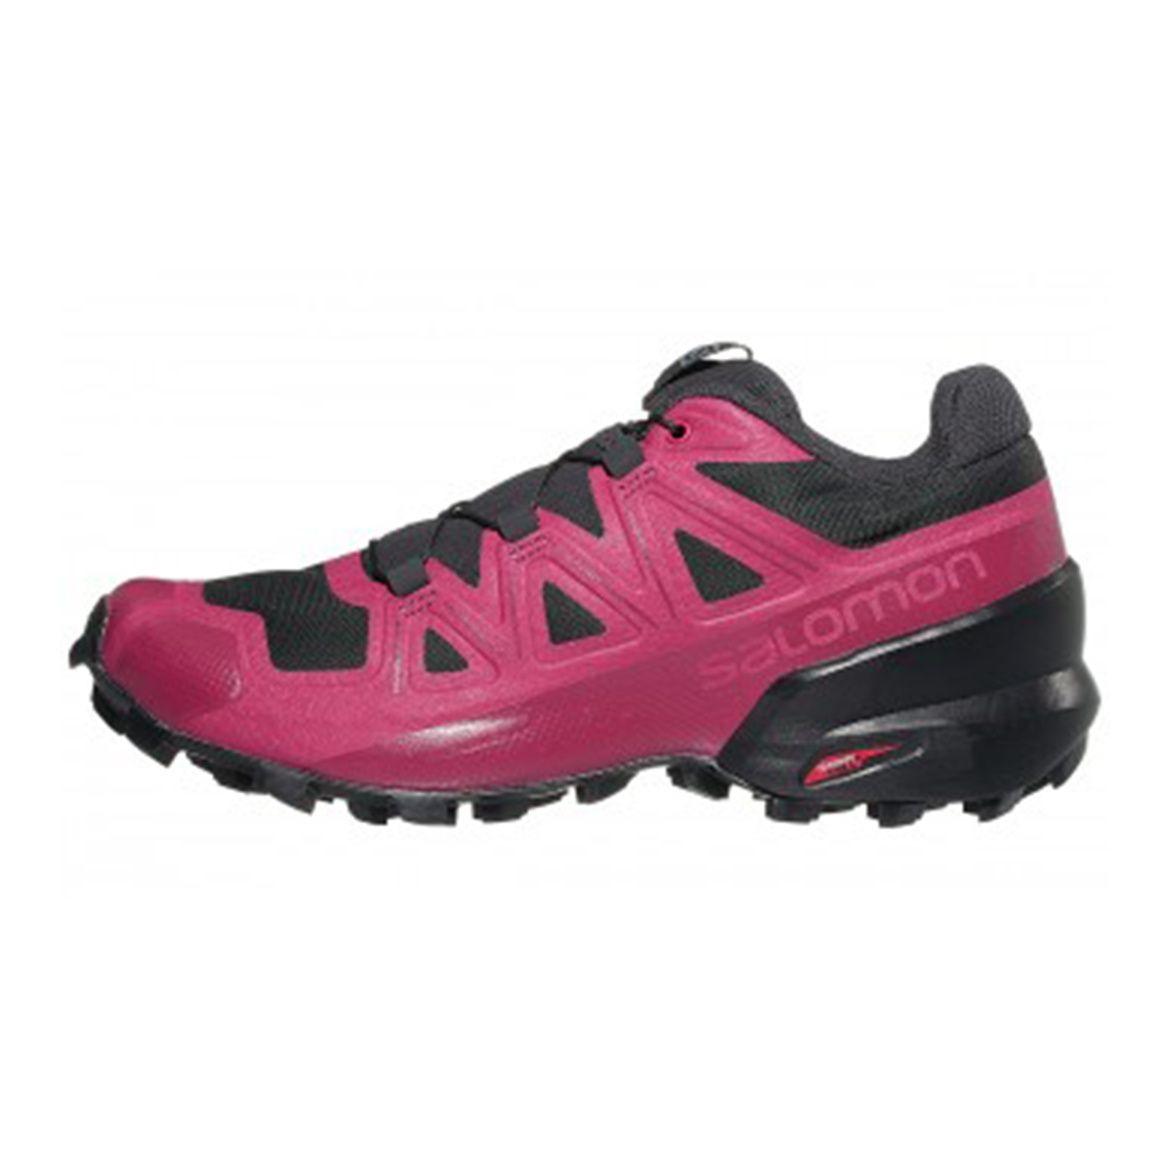 کفش مخصوص پیاده روی زنانه سالومون مدل 406850 MIRACLE